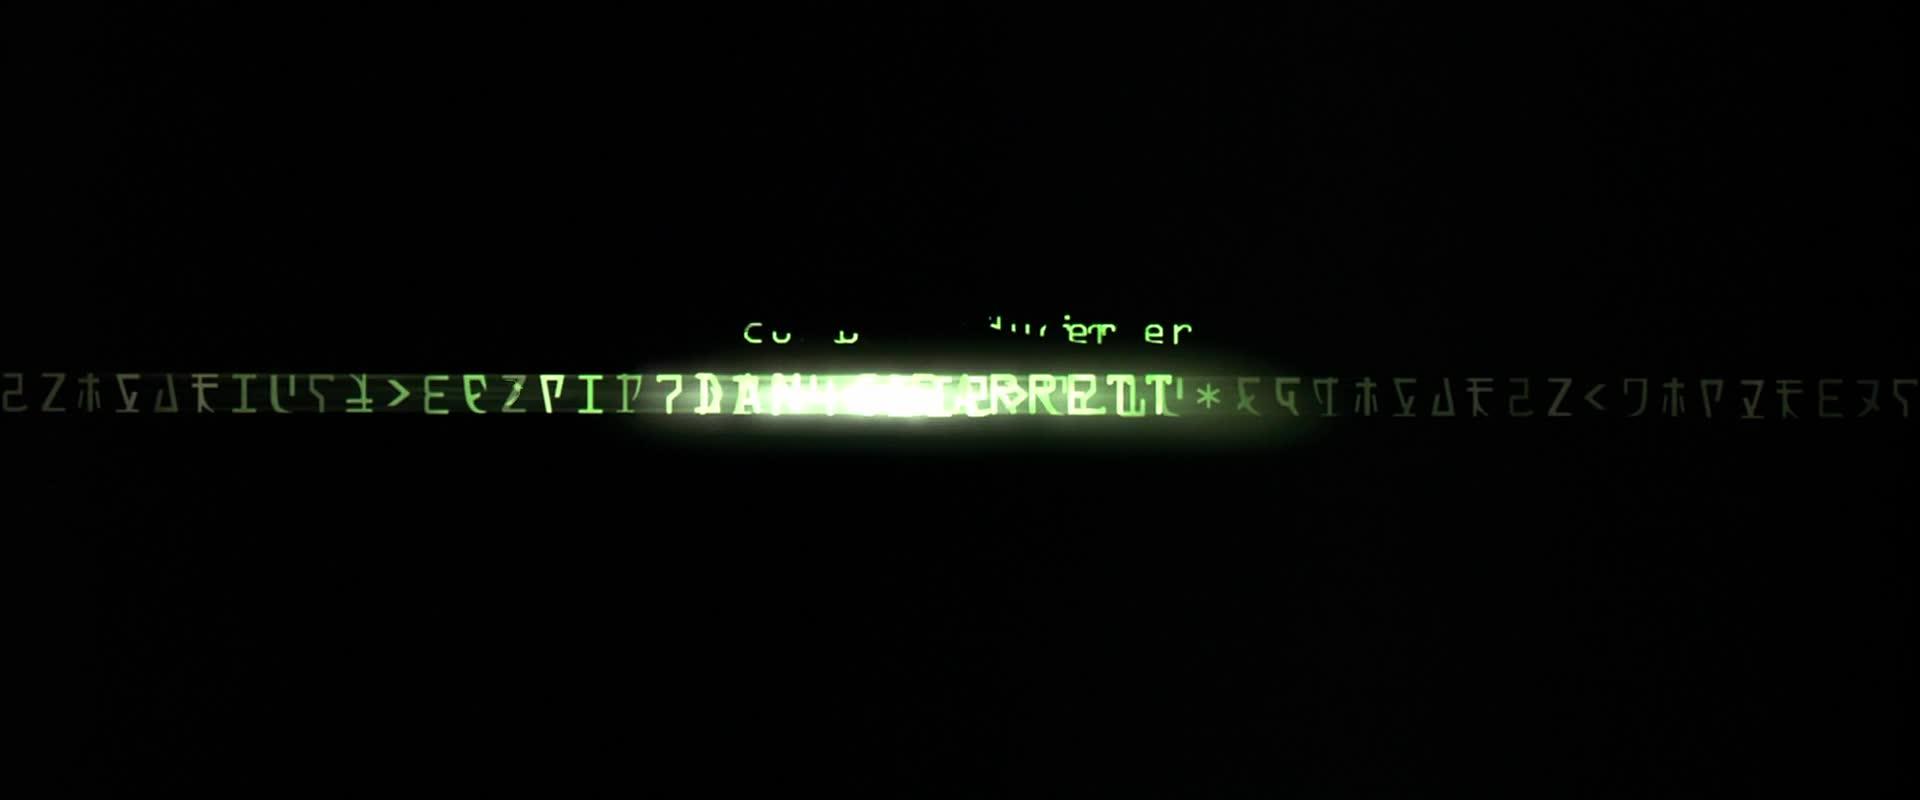 MWM131 Filmemachen